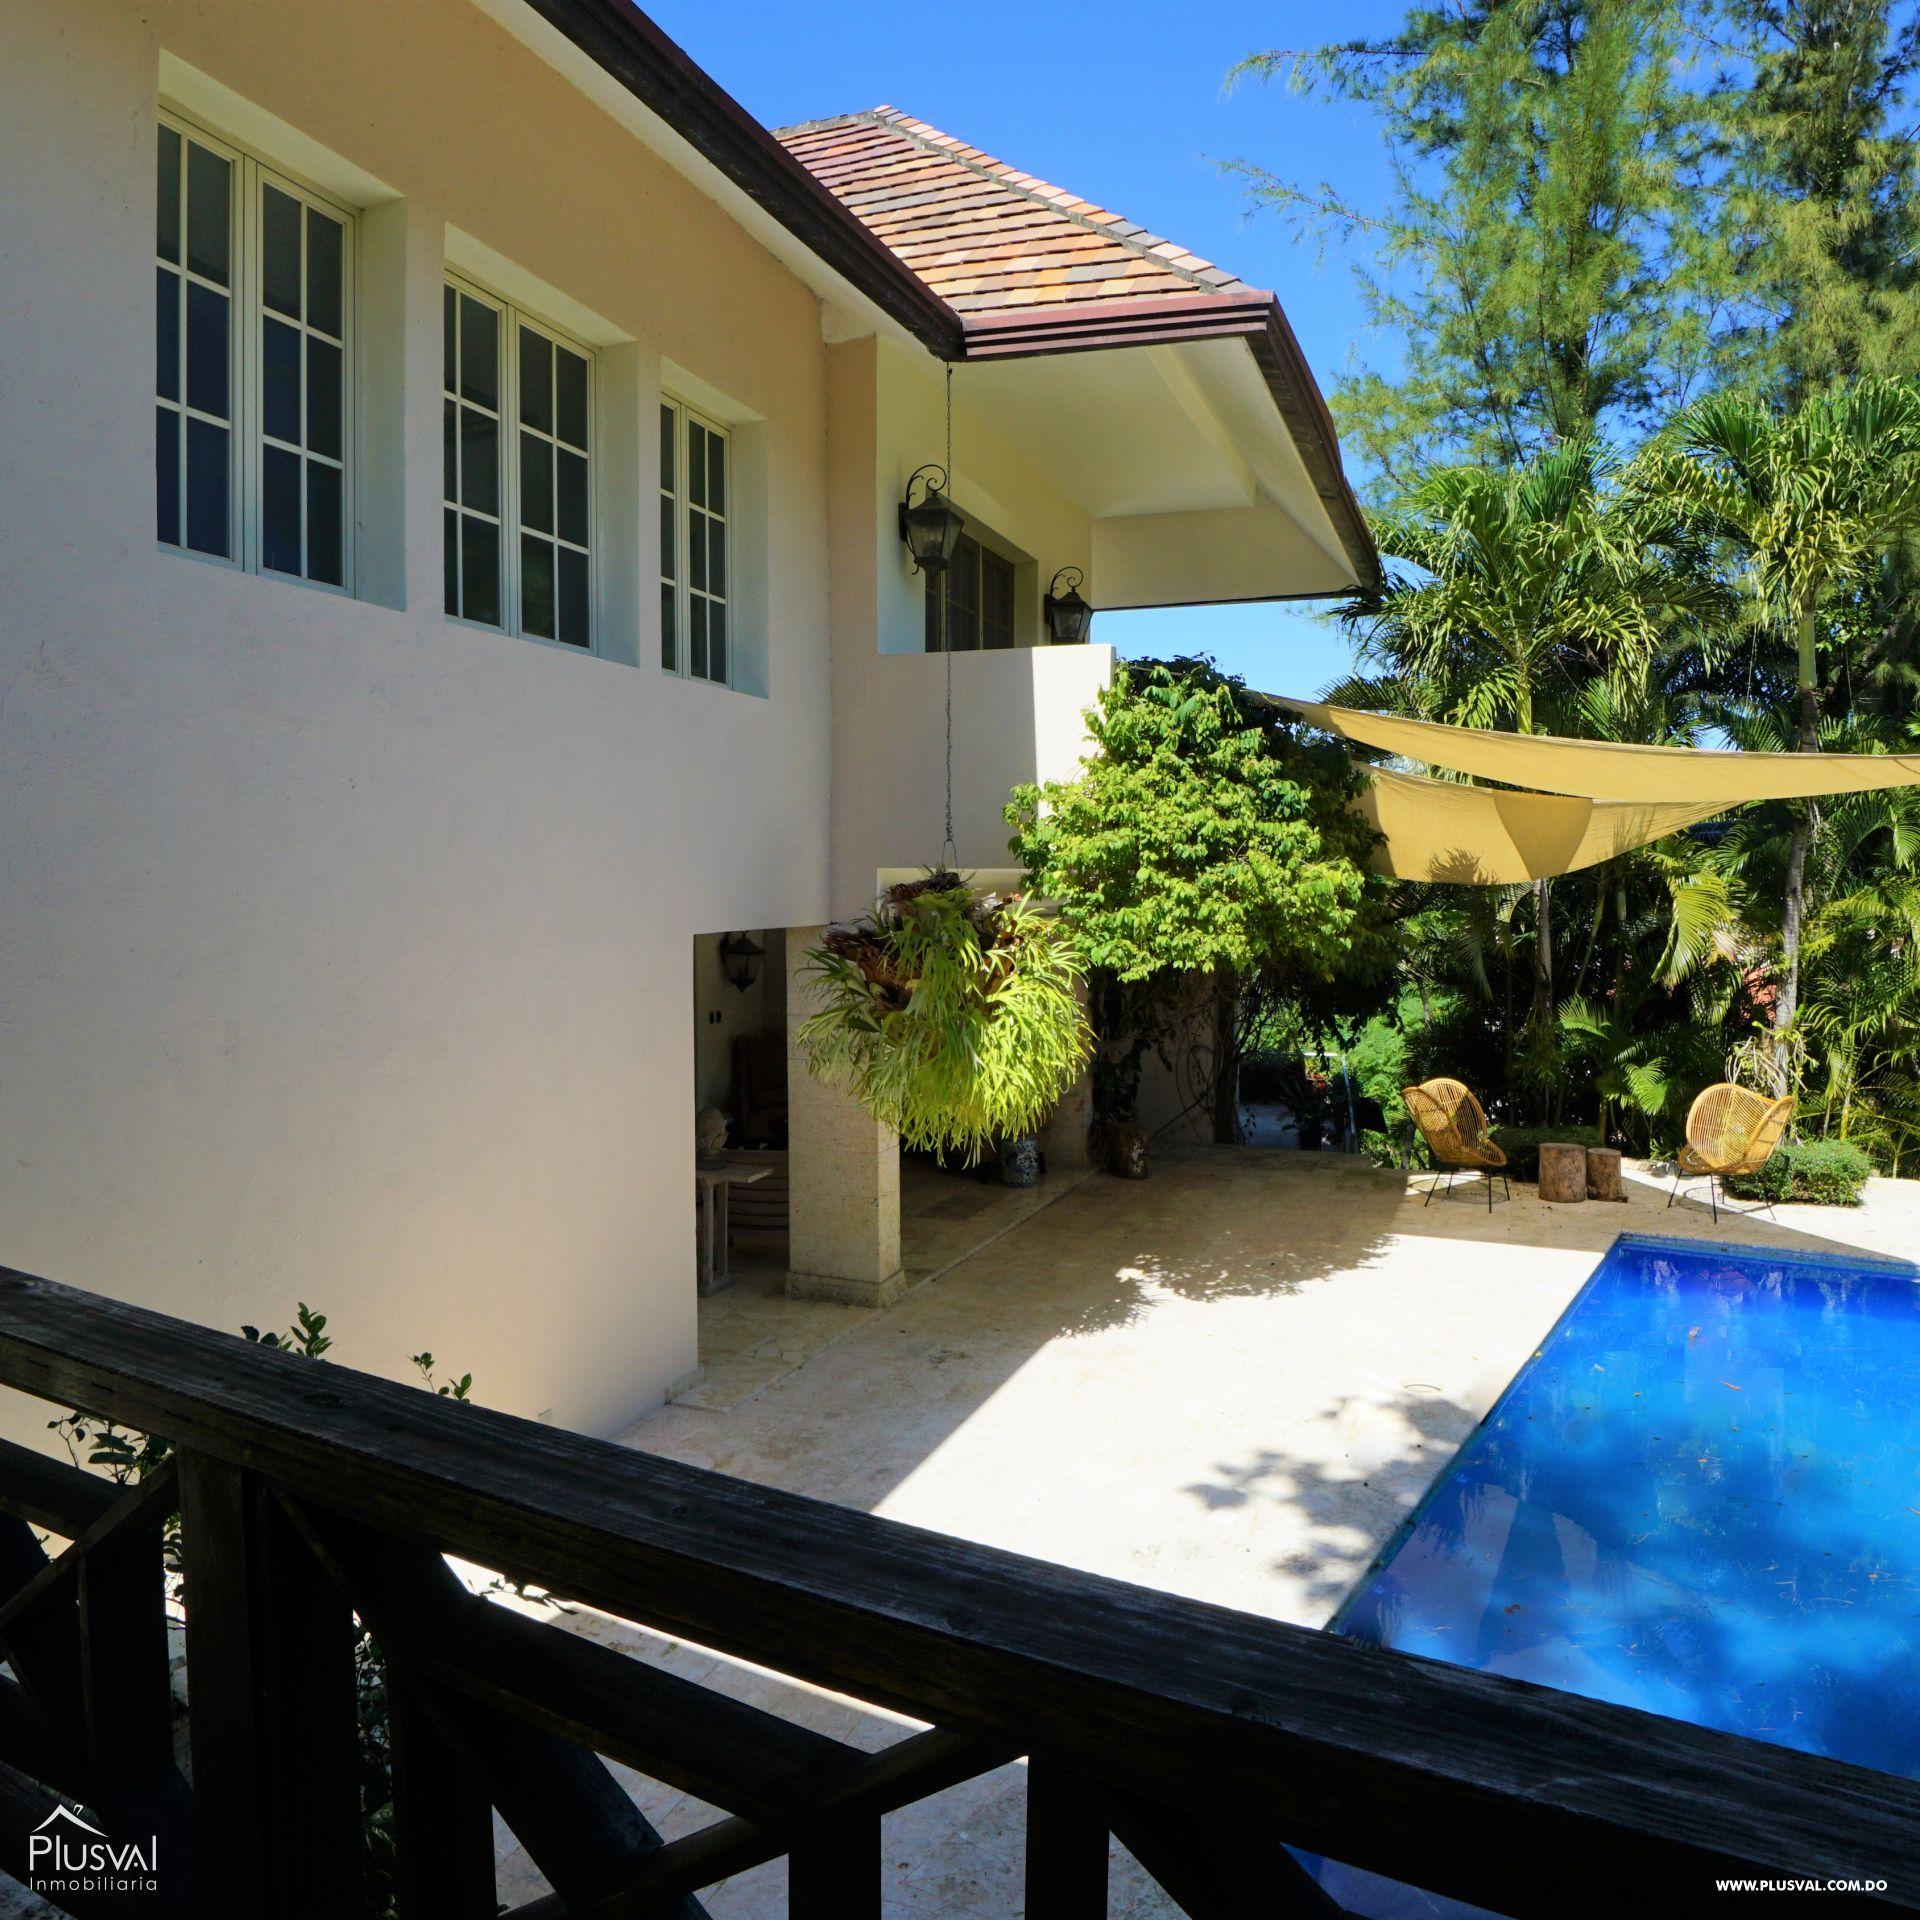 Casa de lujo en venta Arroyo Hondo Viejo 165325